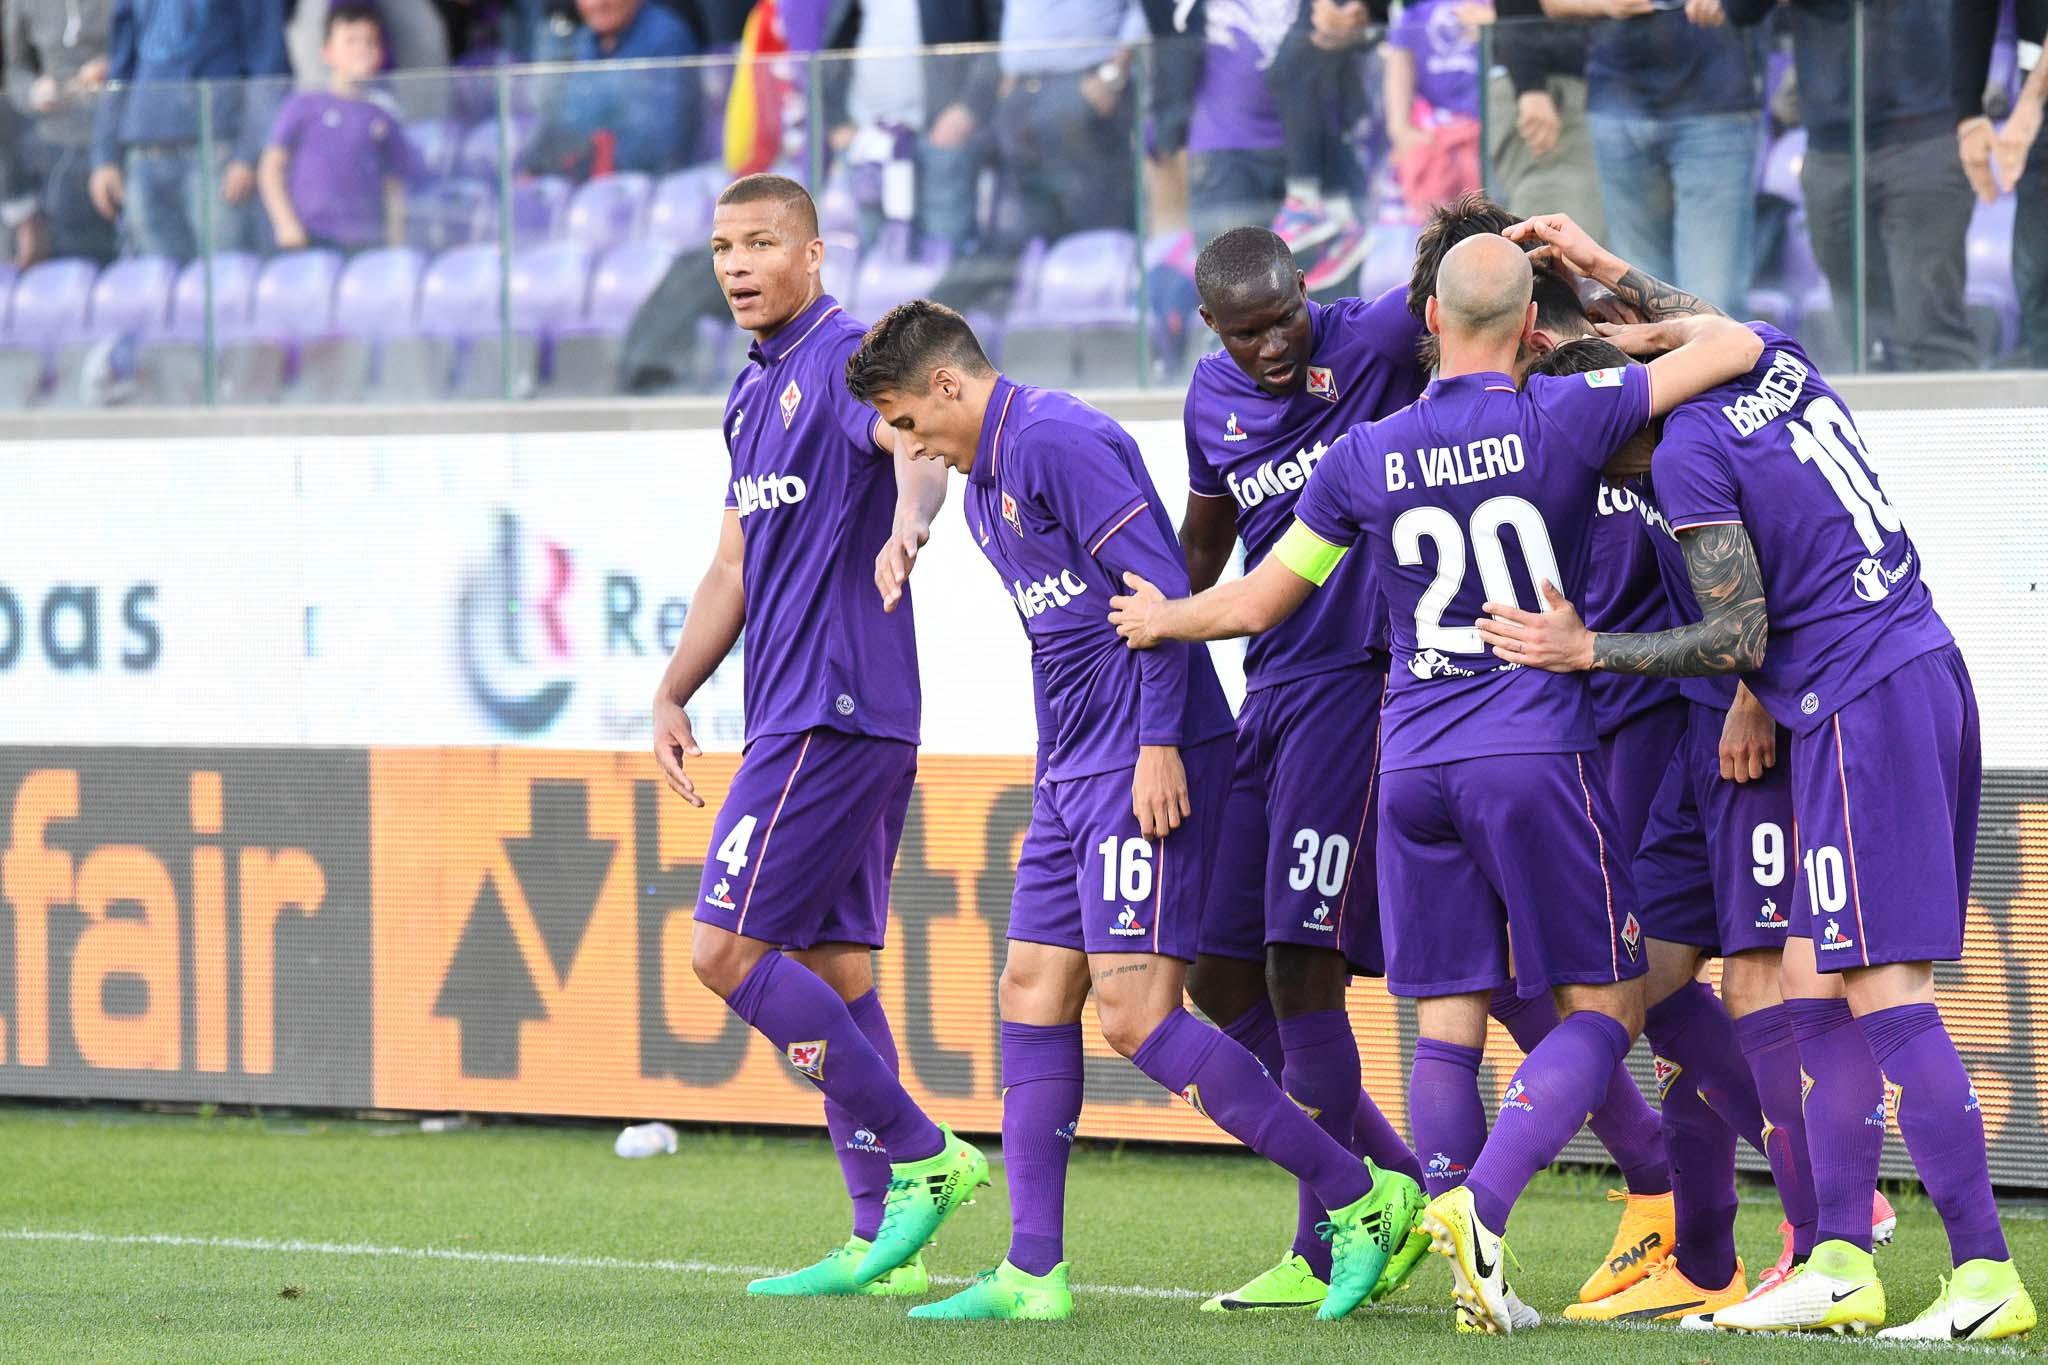 La Fiorentina è grande con le grandi del campionato, quanti punti persi contro le ultime quattro in classifica…